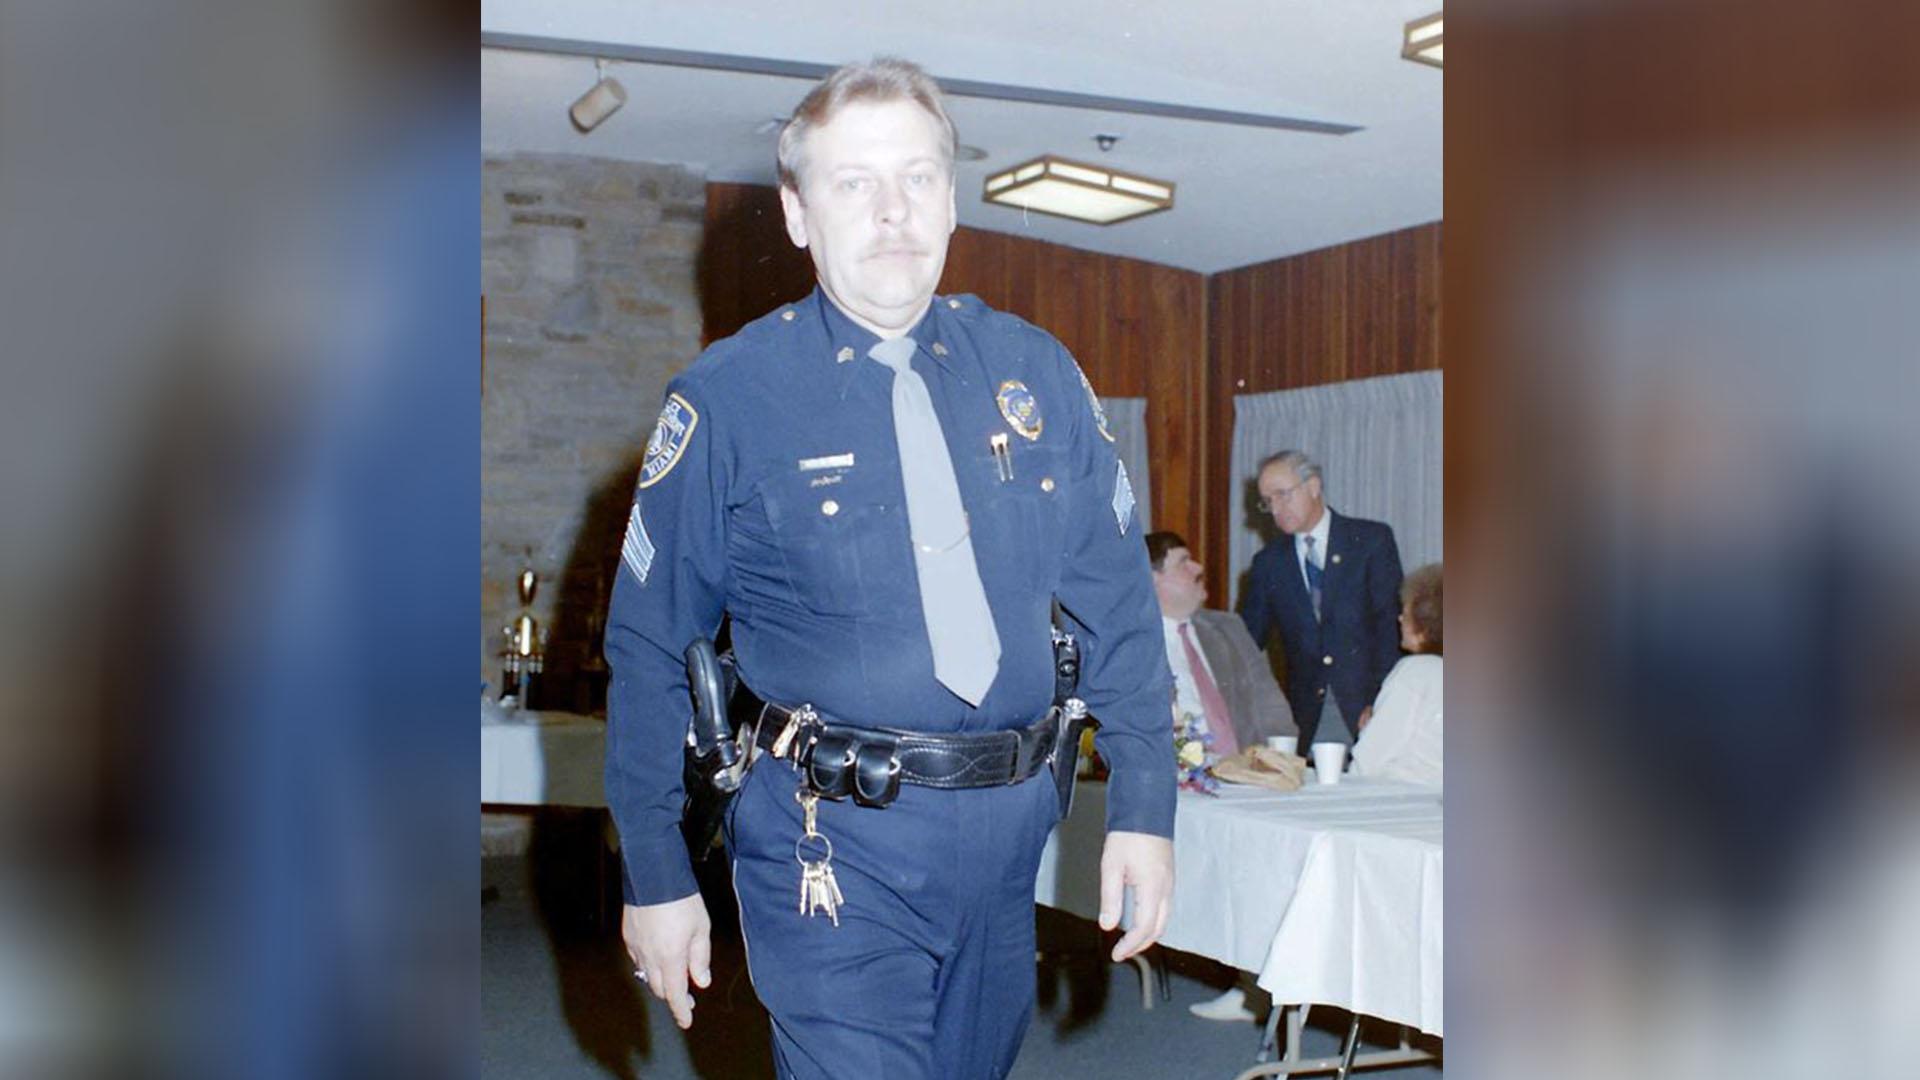 Sgt Aiken